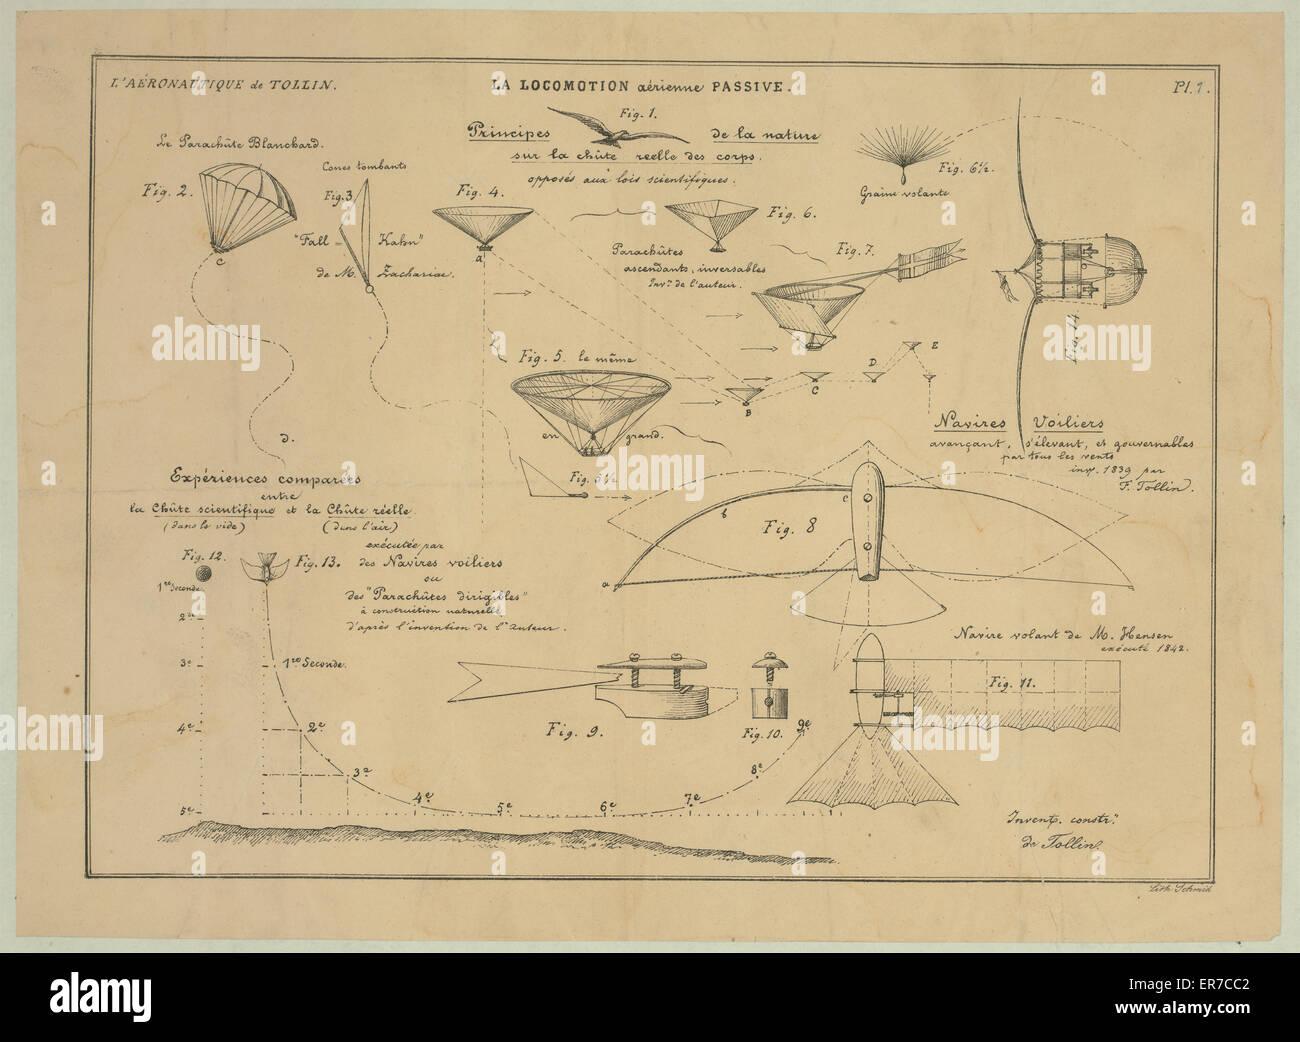 La locomotion aerienne passive. Principes de la nature sur la chute reelle des corps, oppose aux lois scientifiques - Stock Image